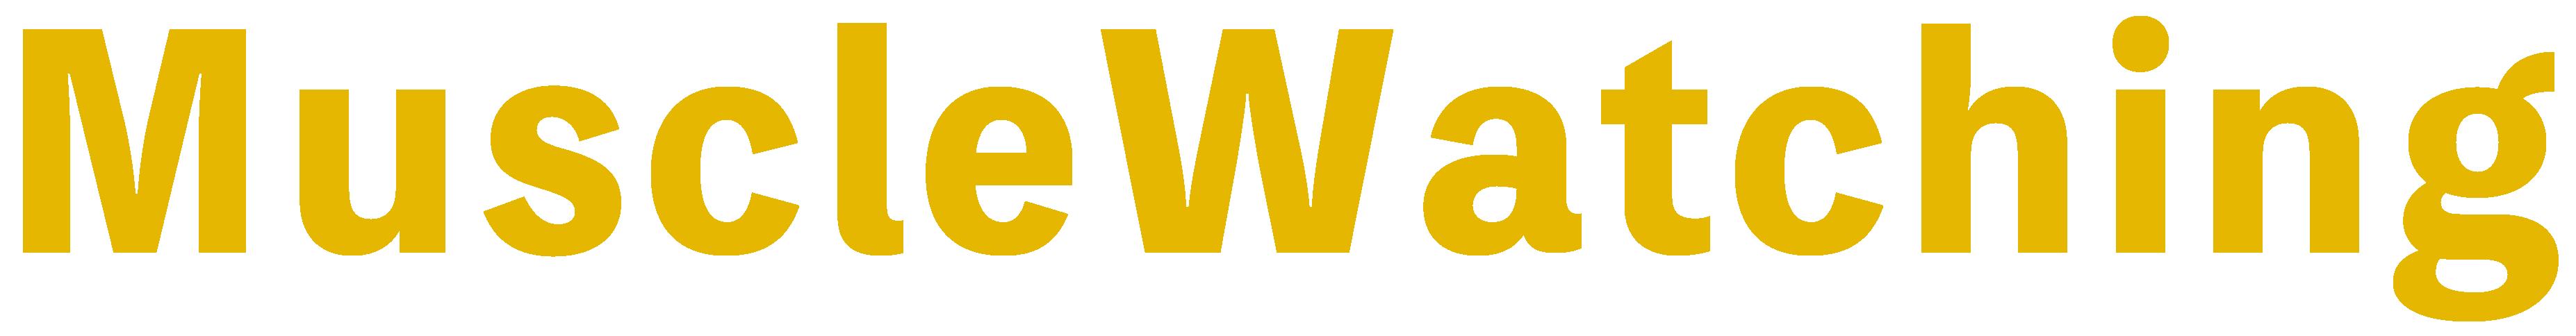 MuscleWatching(マッスルウォッチング)